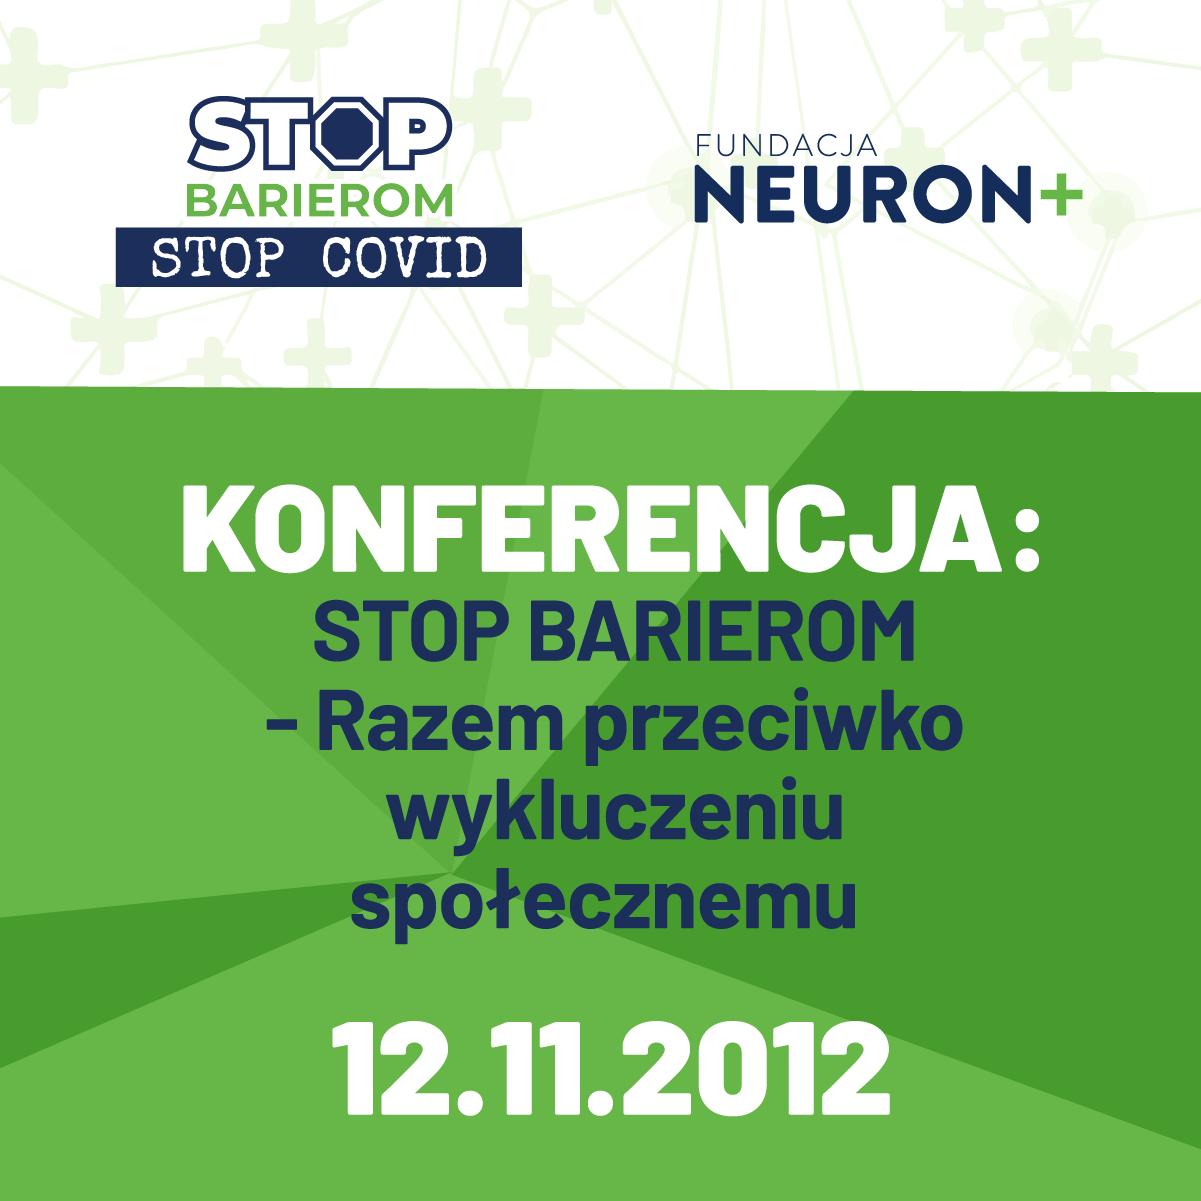 Konferencja podsumowująca realizację Kampanii STOP BARIEROM – STOP COVID